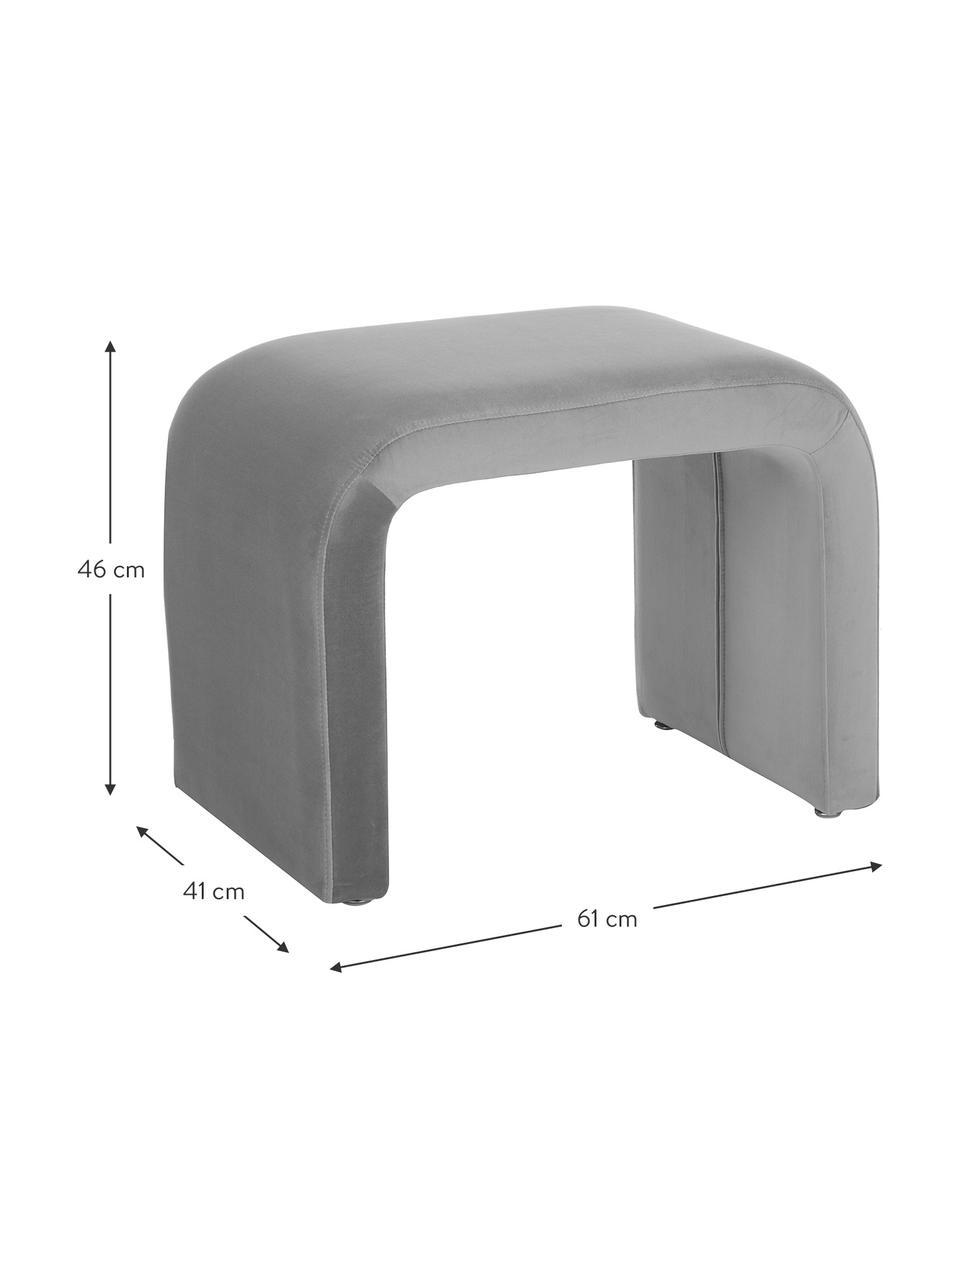 Stołek z aksamitu Penelope, Tapicerka: aksamit (poliester) 2500, Stelaż: metal, płyta wiórowa, Szary, S 61 x W 46 cm